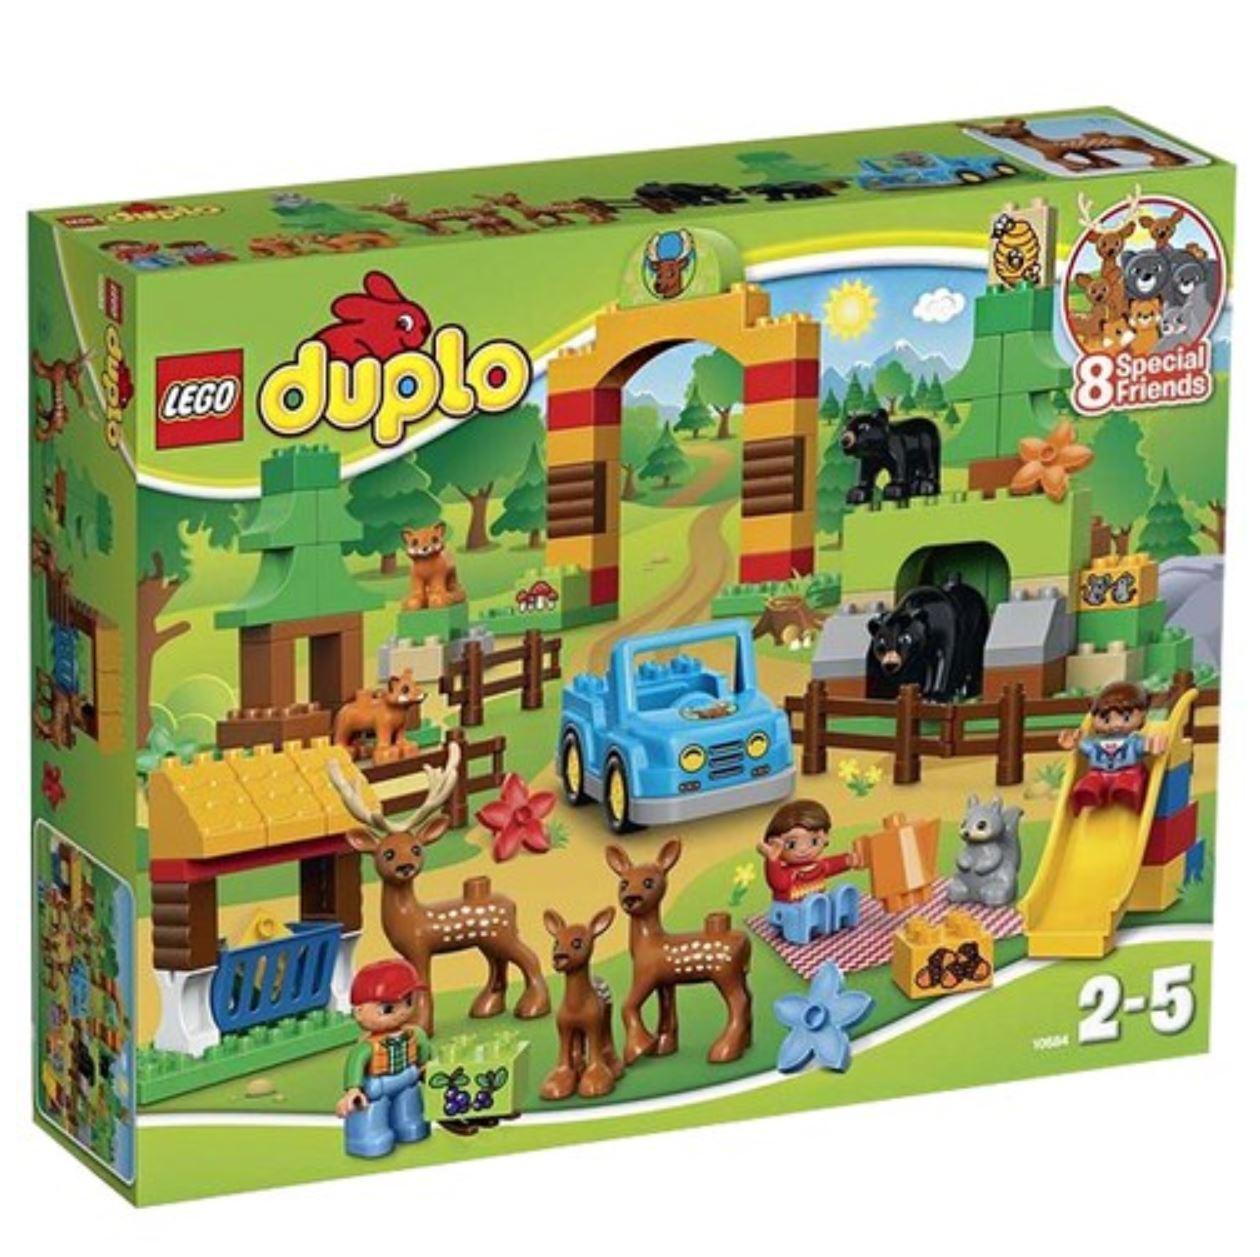 spedizione veloce e miglior servizio [LEGO] Duplo 10584 Creative Play Forest Park 2015 2015 2015 Version gratuito Shipping  clienti prima reputazione prima